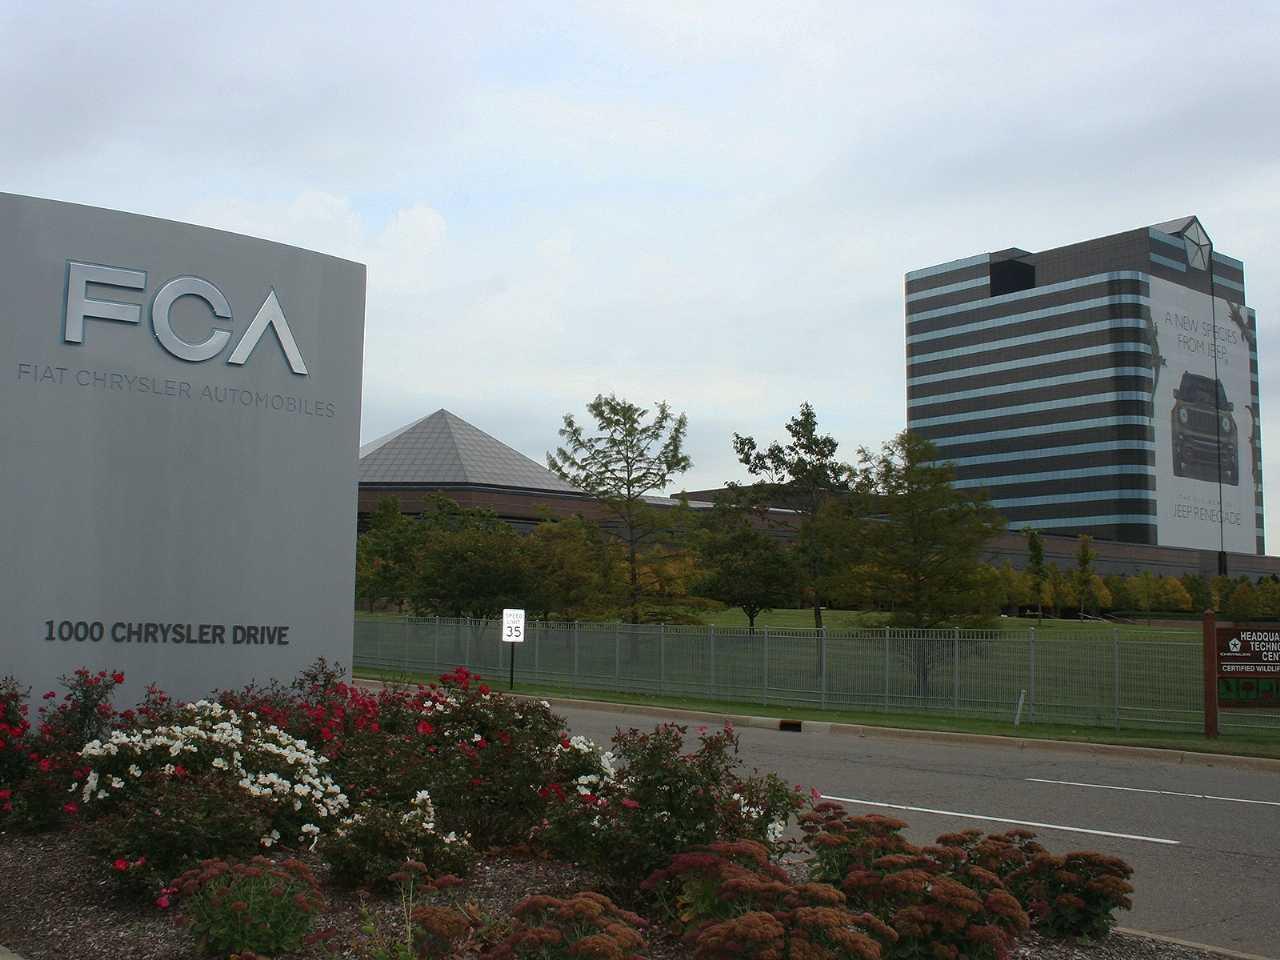 Fachada do Chrysler World Headquarters and Technology Center, localizado em Auburn Hills (EUA)